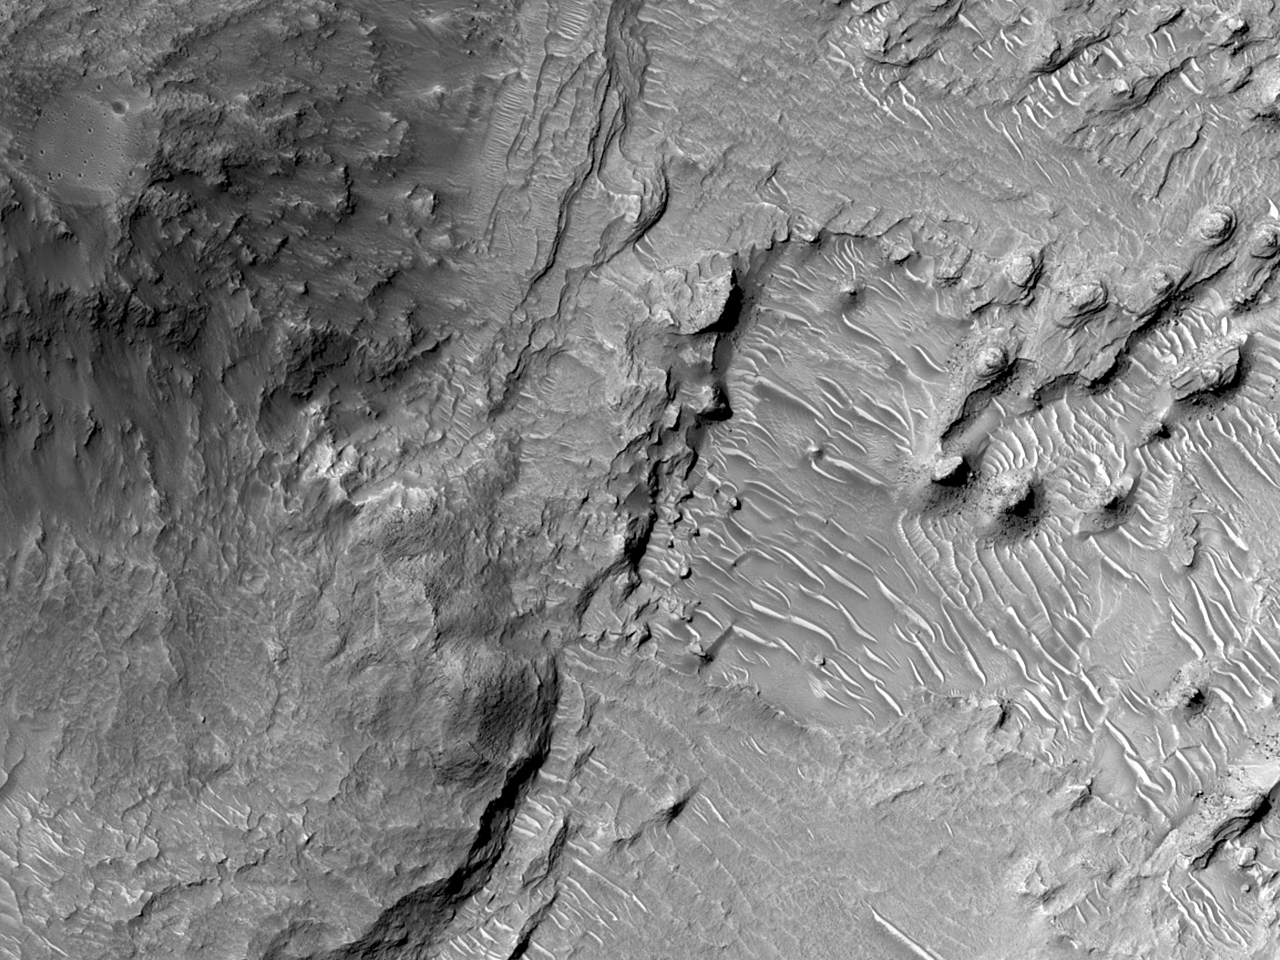 تضاريس عشوائية في زانثه تيرّا (Xanthe Terra)